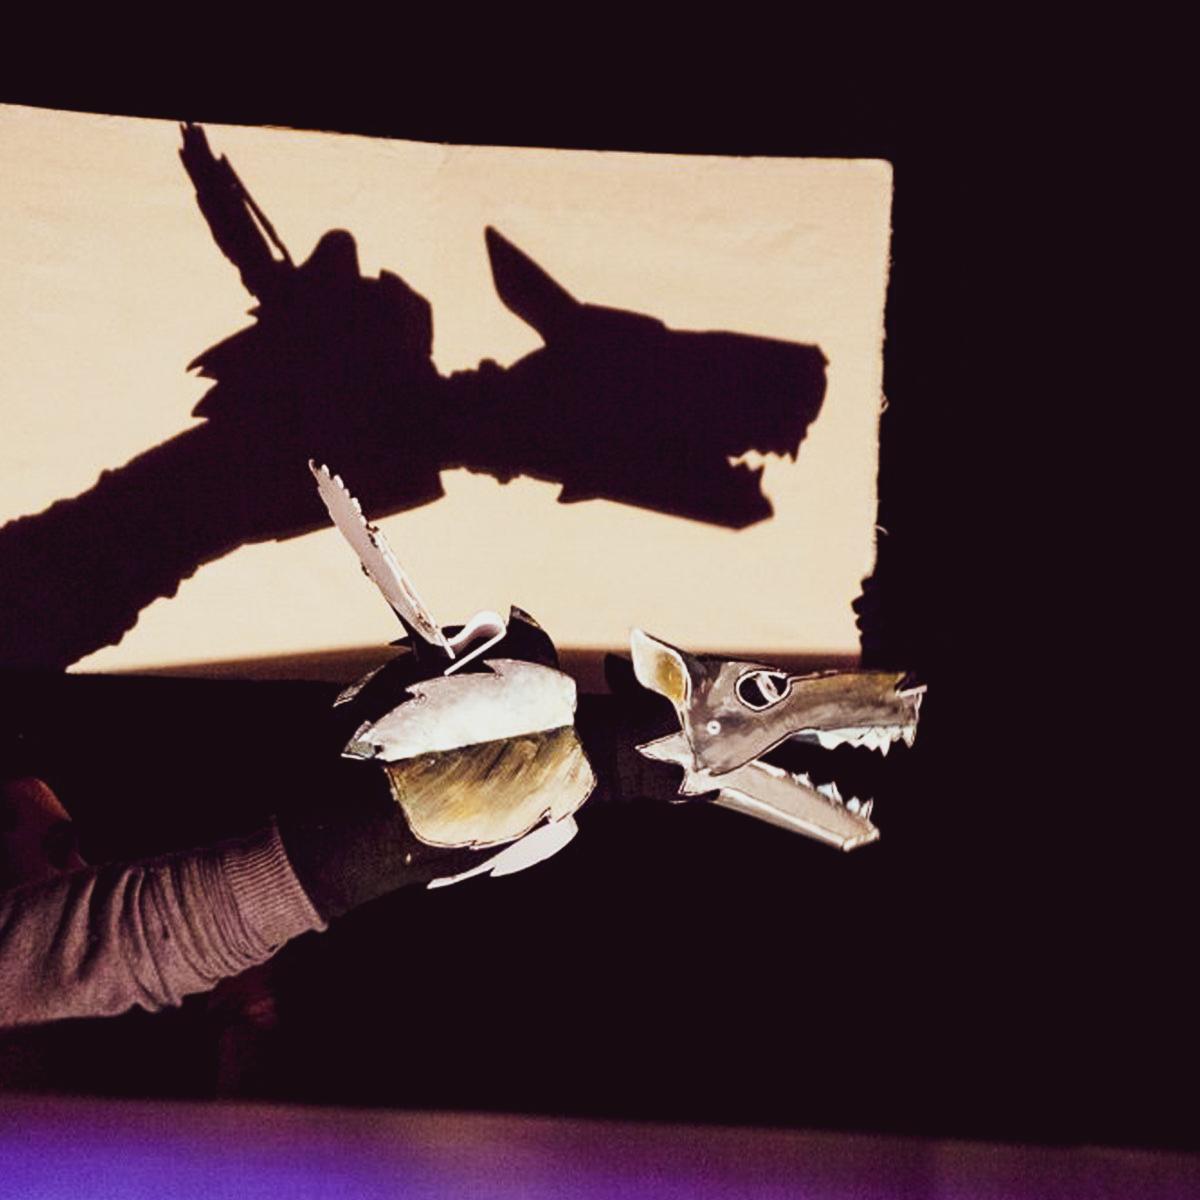 Atelier - Initiation au théâtre d'ombre